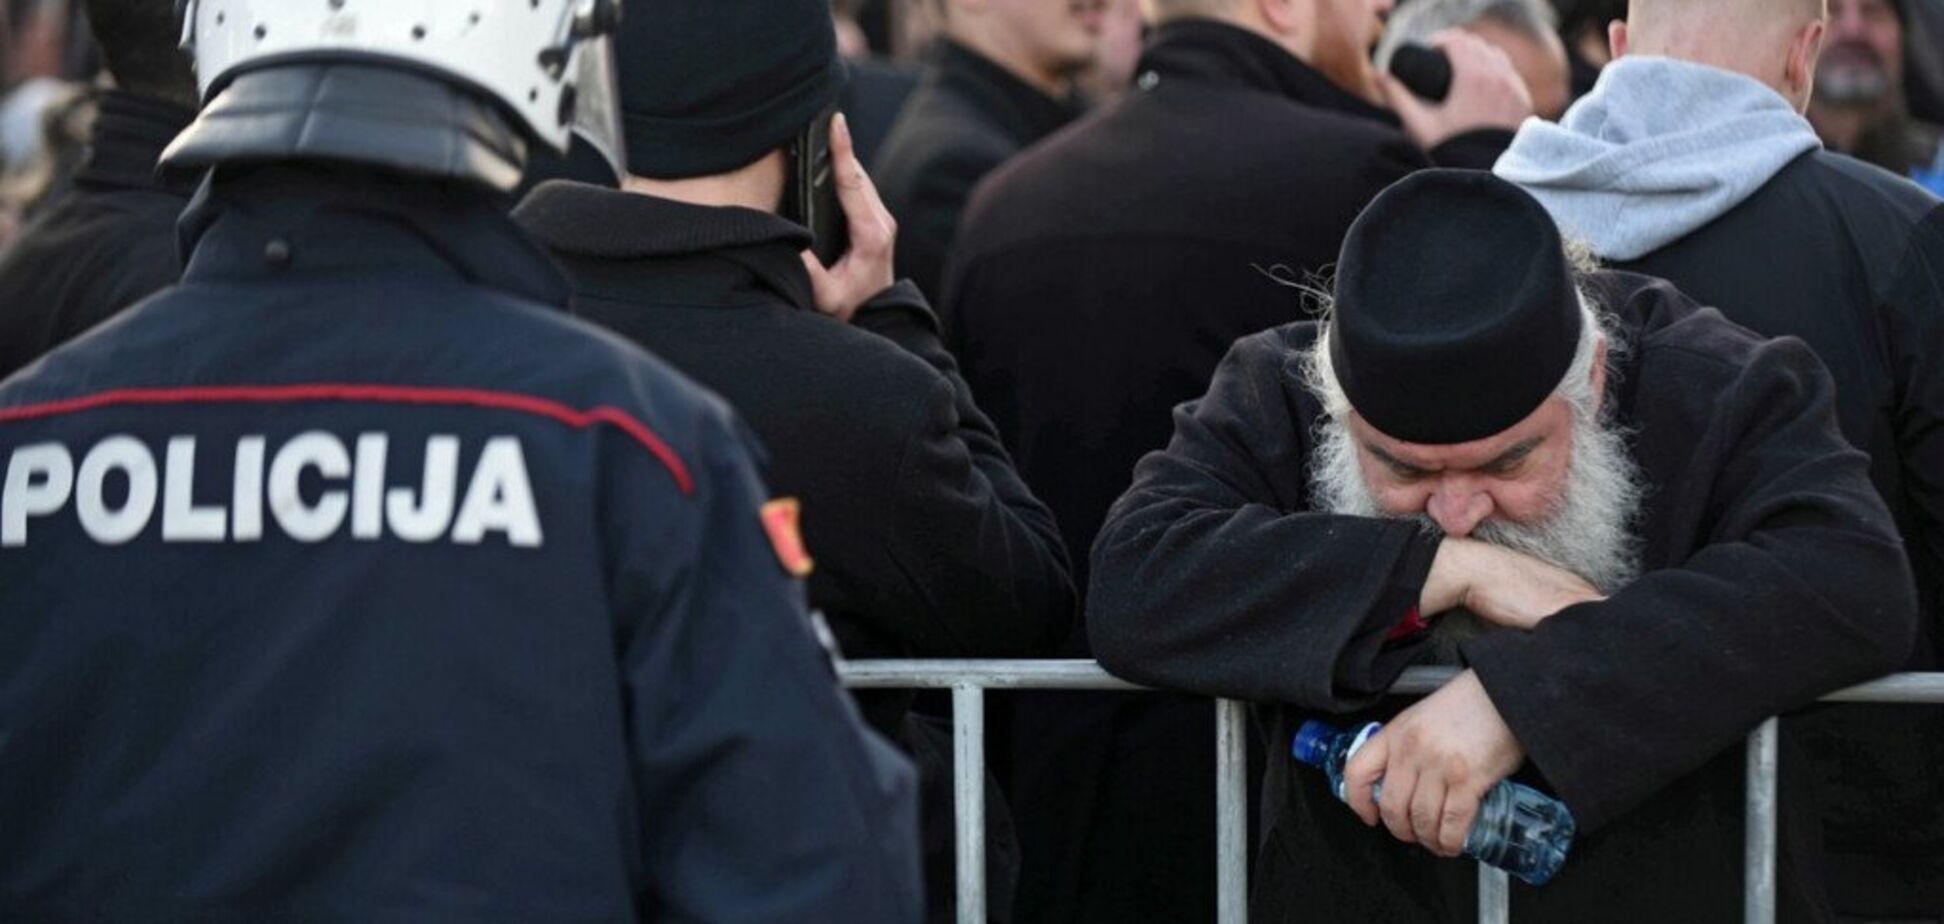 Чорногорію охопили 'церковні' протести: РПЦ заявила про 'цинічний удар'